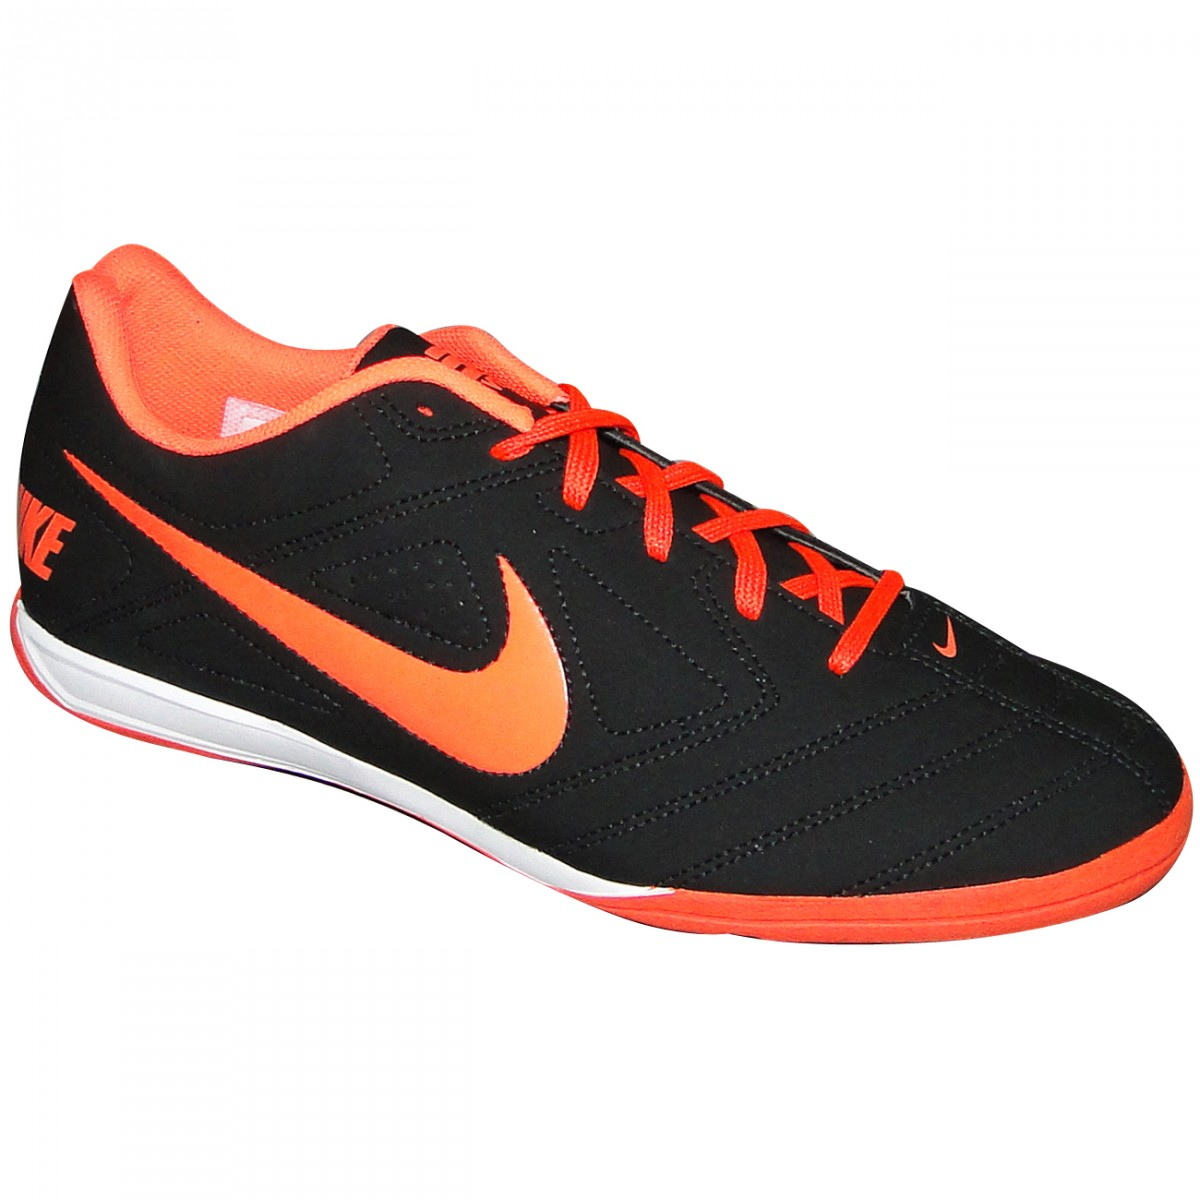 2461666905c1c Tenis Nike 5 Beco 502776 004 - Preto Laranja - Chuteira Nike